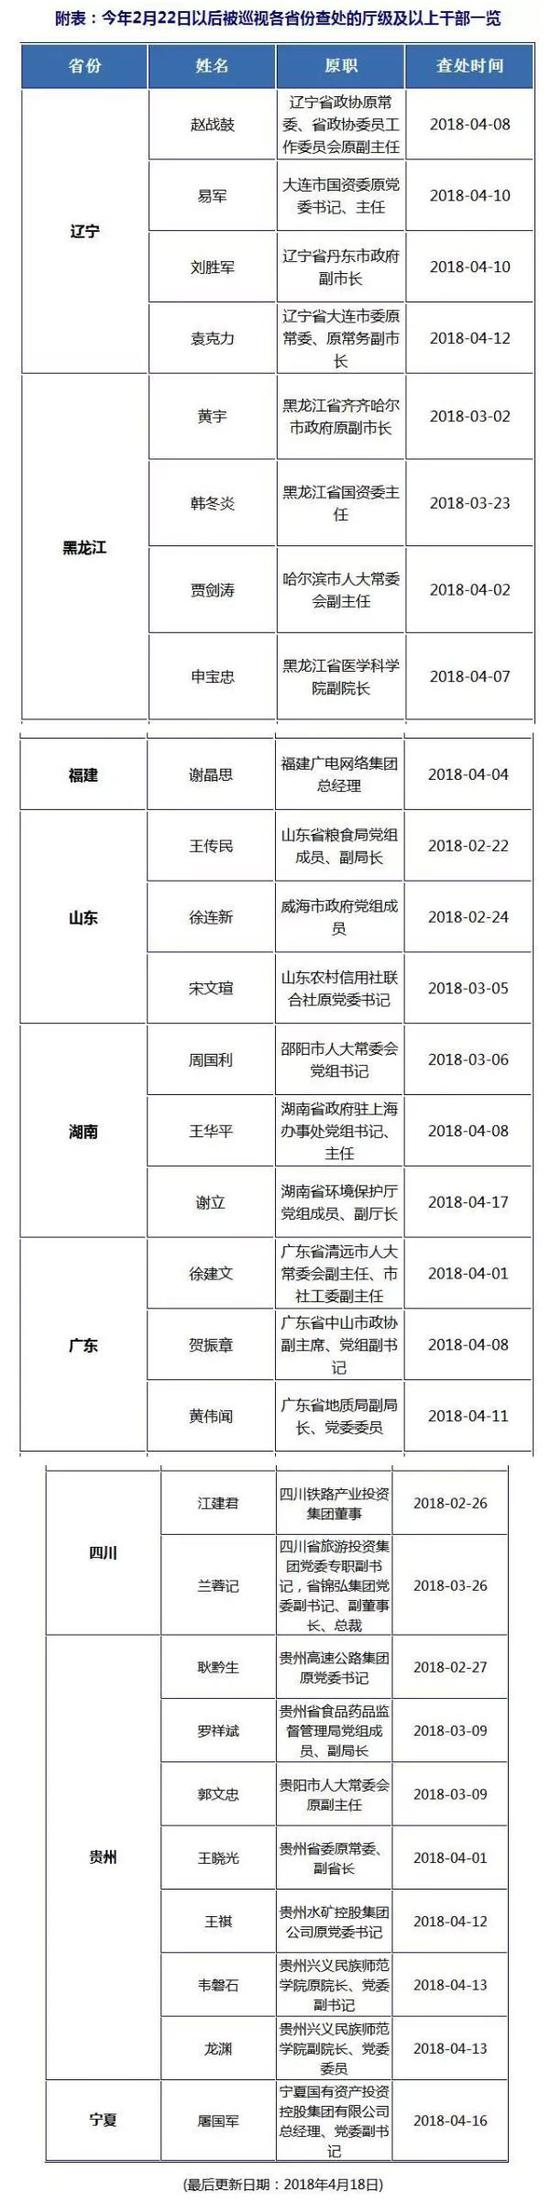 中央巡视进驻9省份2个月 近30名厅级以上干部被查杨舒婷图片